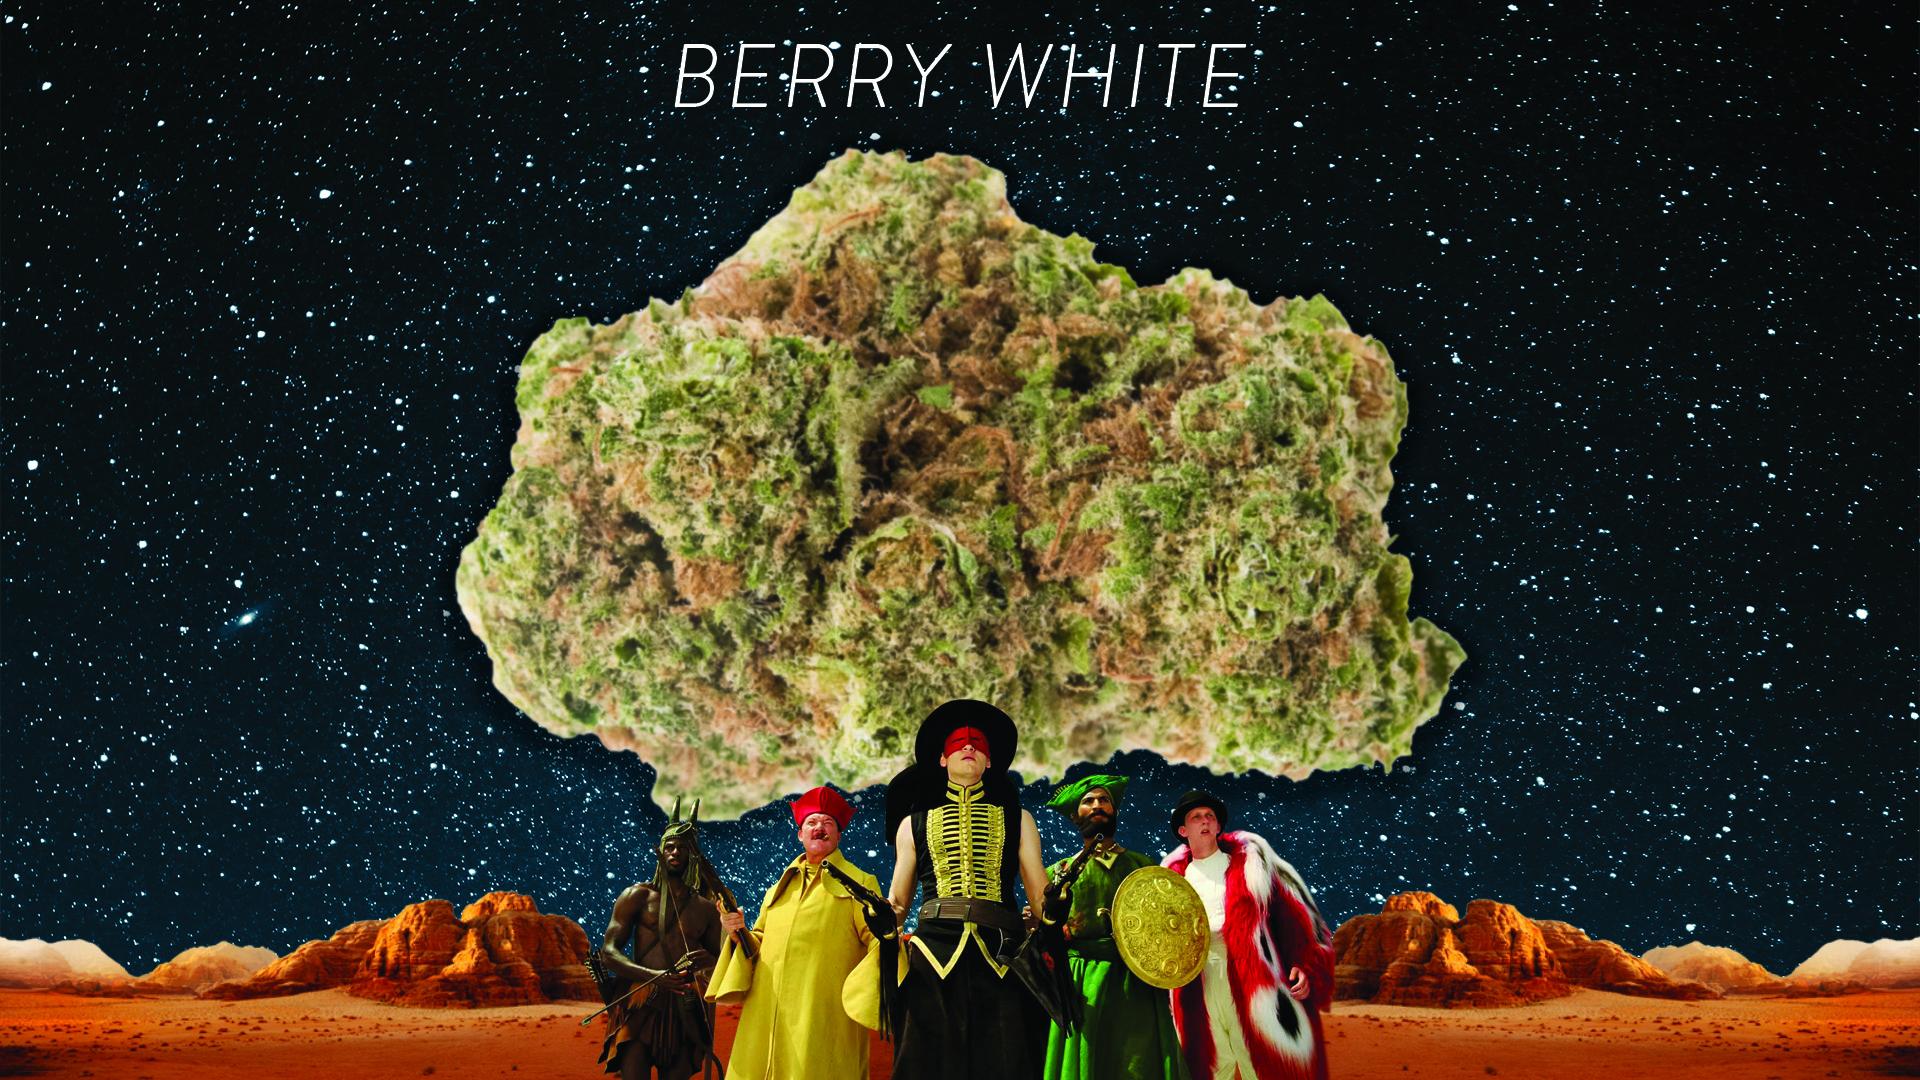 Headlight-Cannabis-Berry-White-Far-Out-Films.jpg